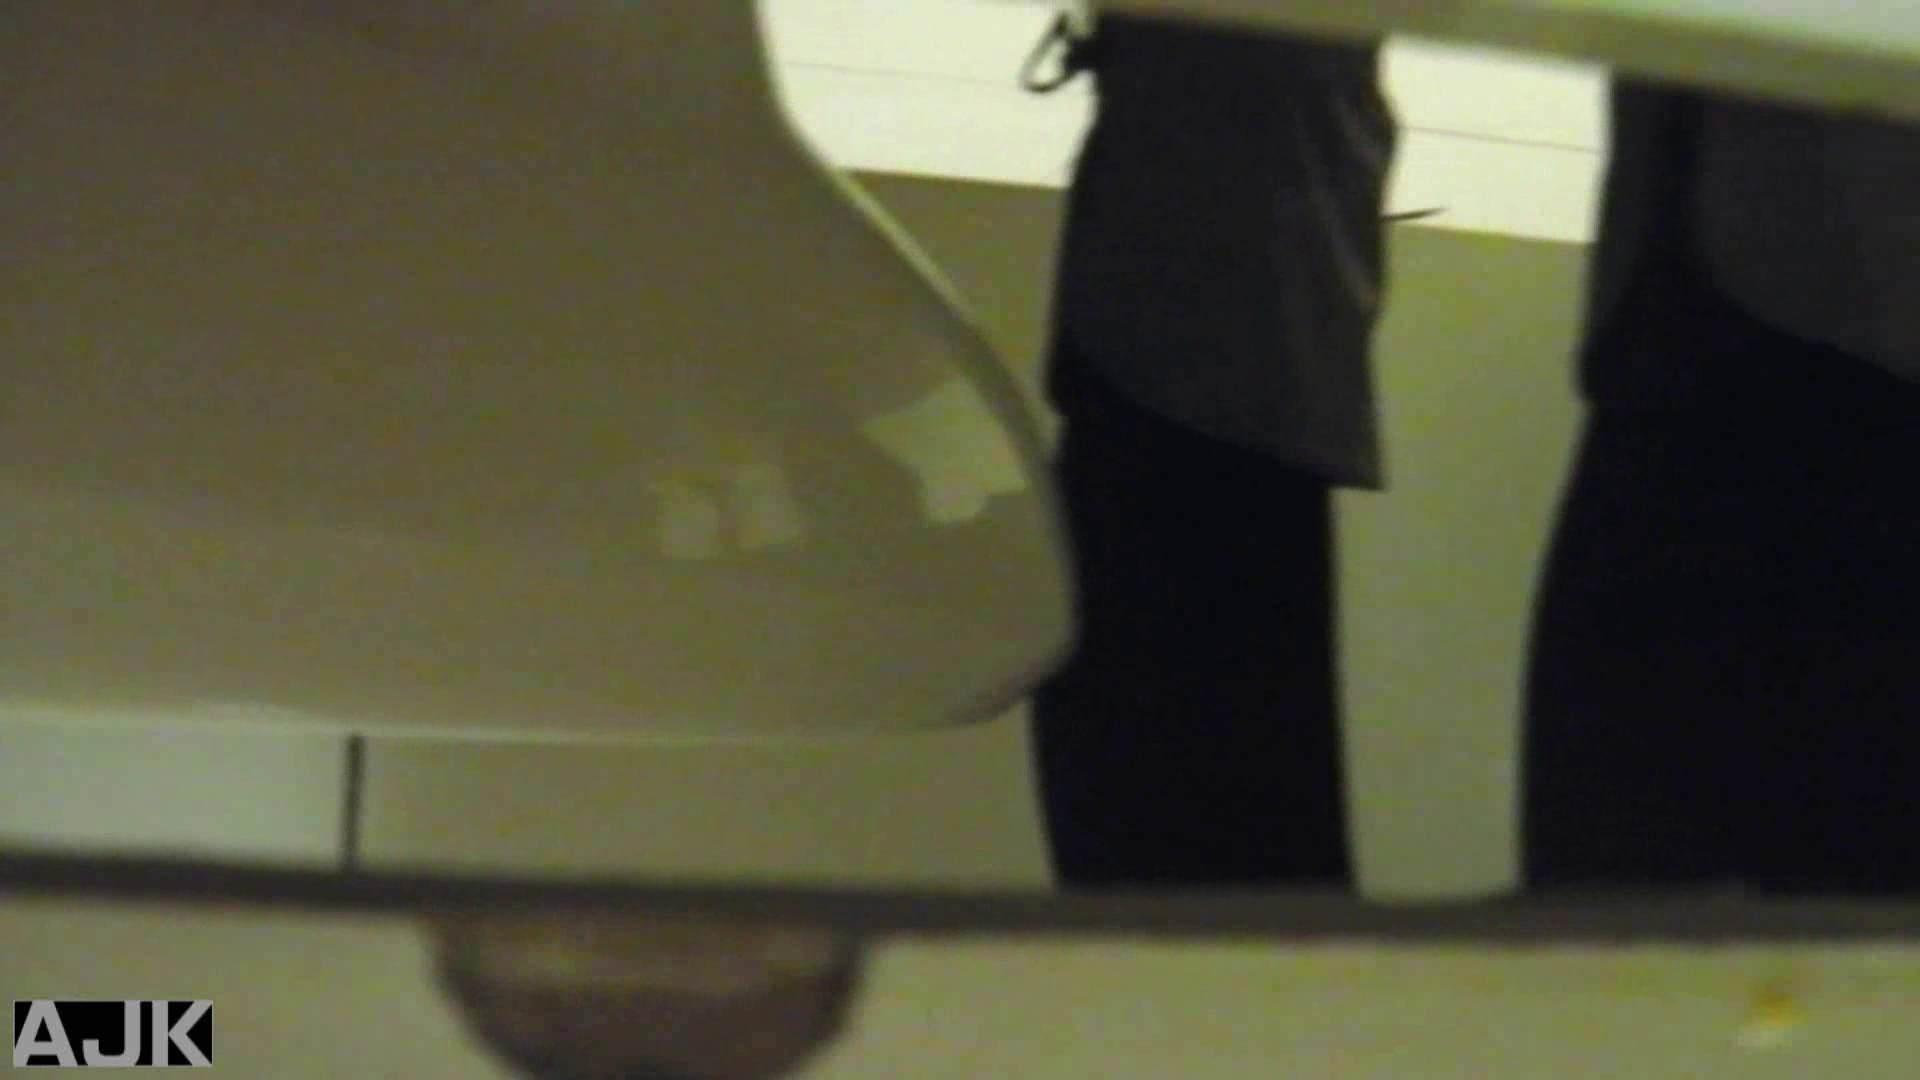 隣国上階級エリアの令嬢たちが集うデパートお手洗い Vol.11 お手洗い  67pic 12